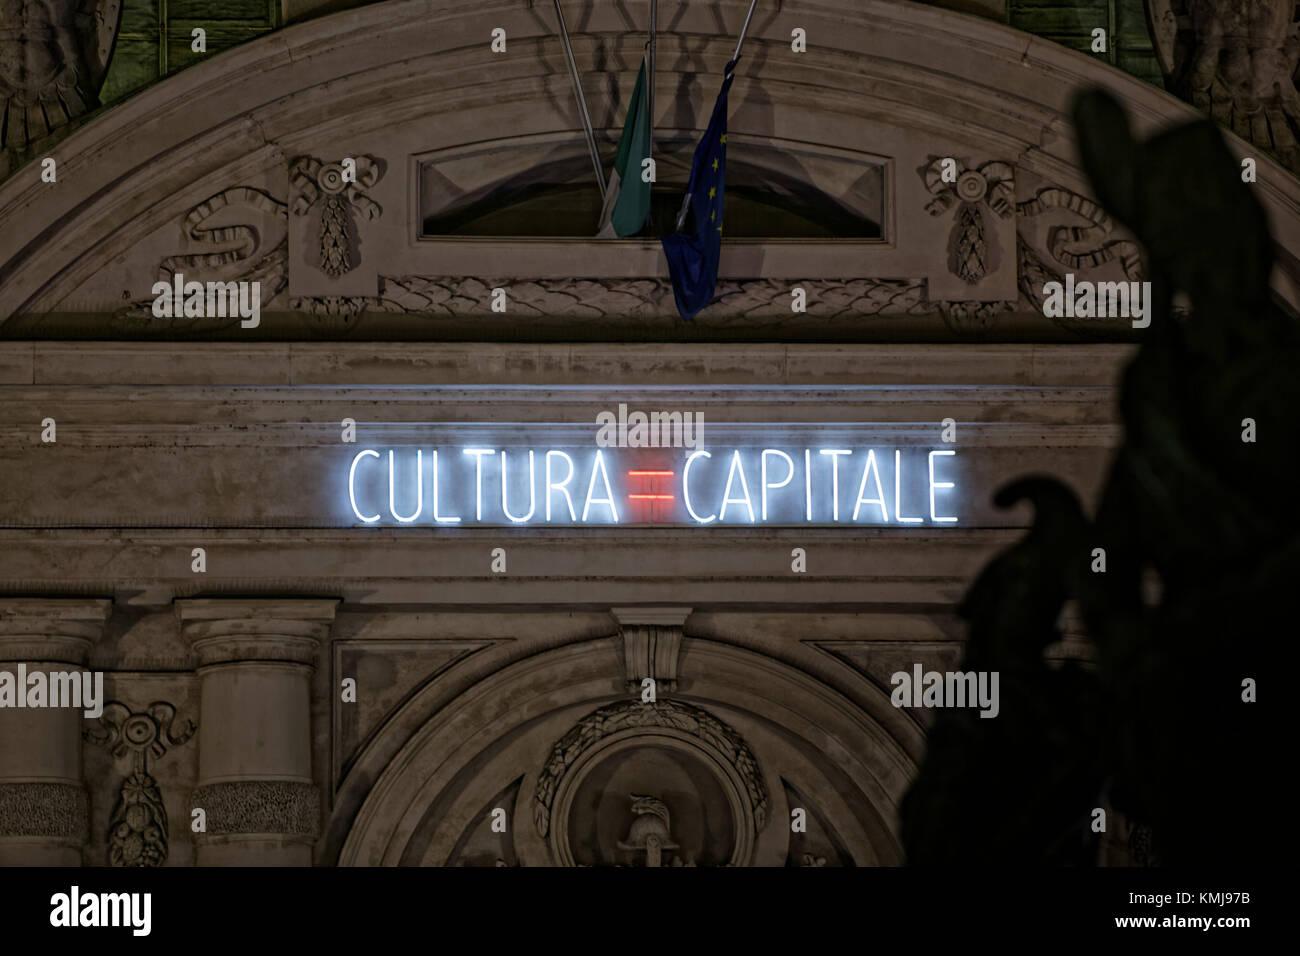 Torino, Italia. Luci d'artista (artista luci). Illustrazione: Cultura=Capitale, Alfredo Jaar Immagini Stock